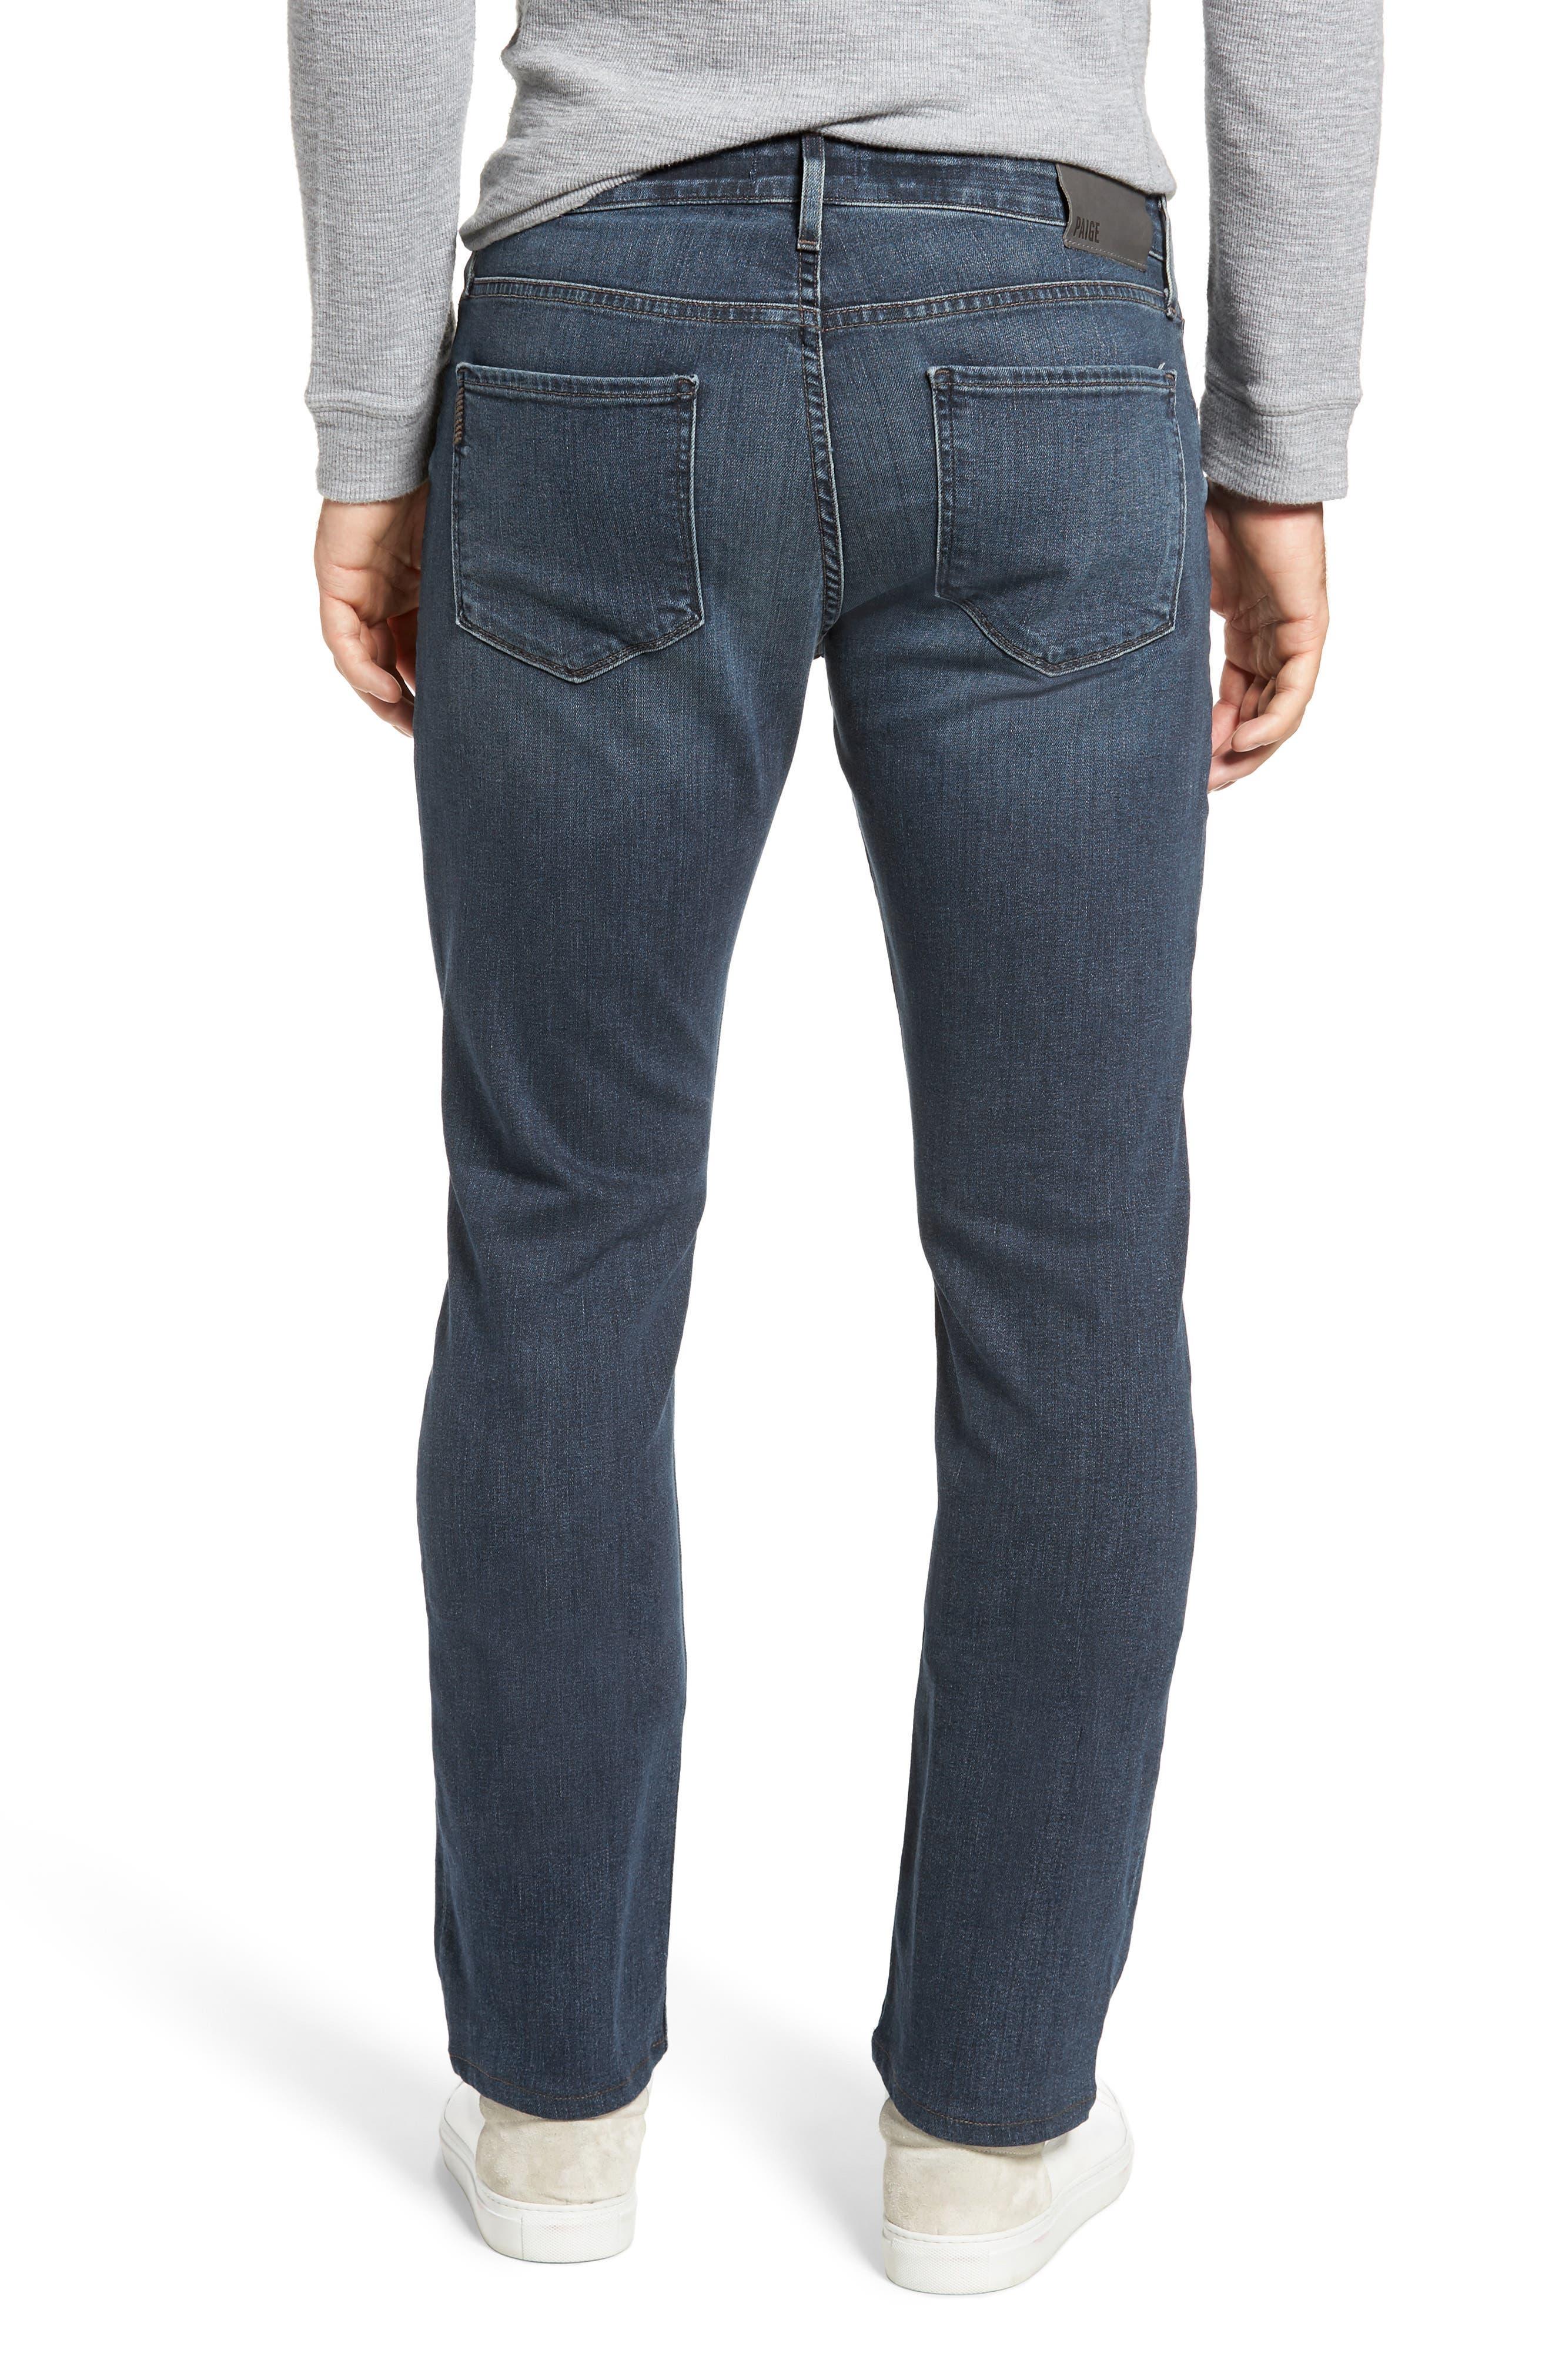 Normandie Straight Leg Jeans,                             Alternate thumbnail 2, color,                             Daniels